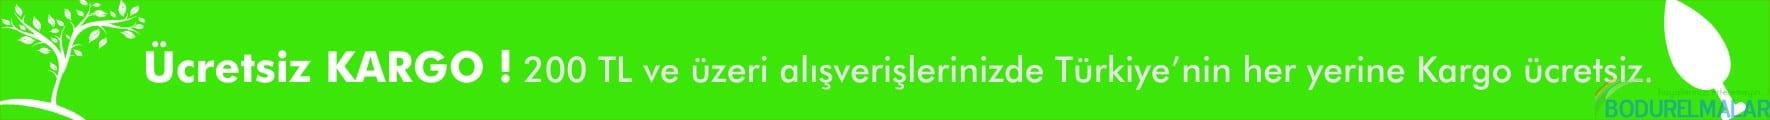 1770x120 ücretsiz kargo banner - 1770x120 ücretsiz kargo banner -